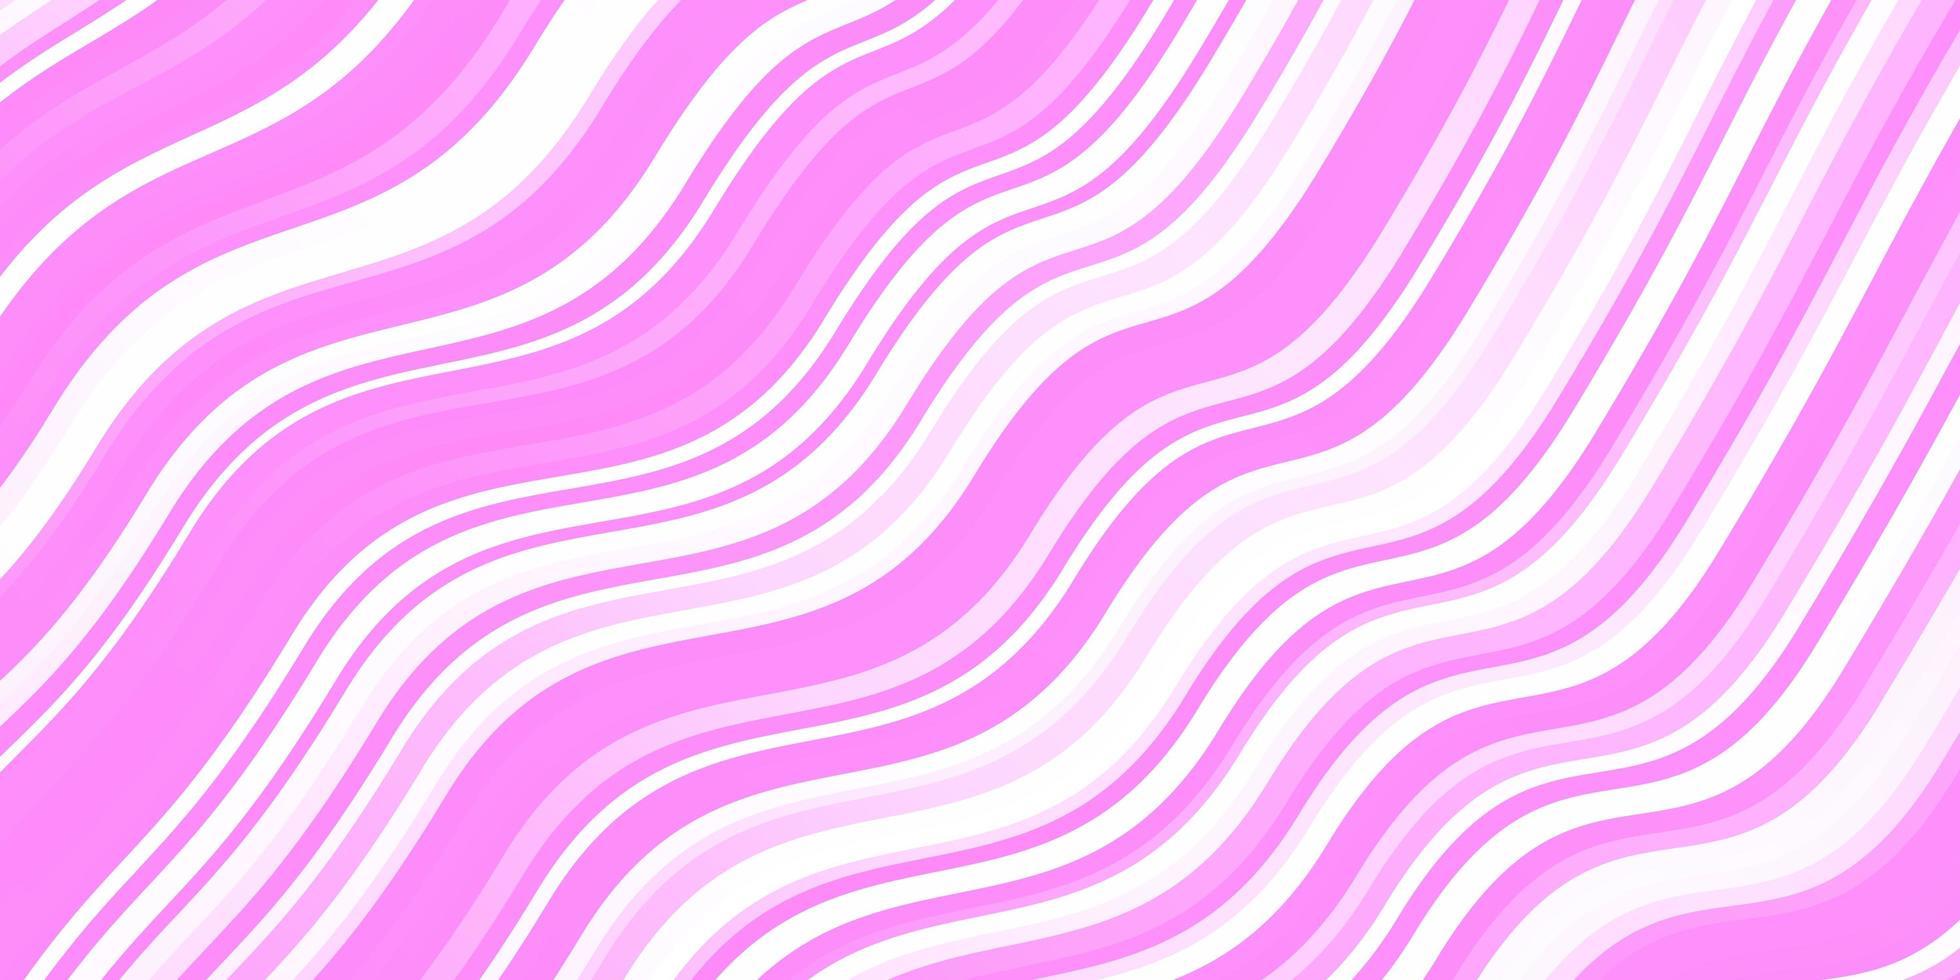 plantilla rosa con líneas curvas. vector